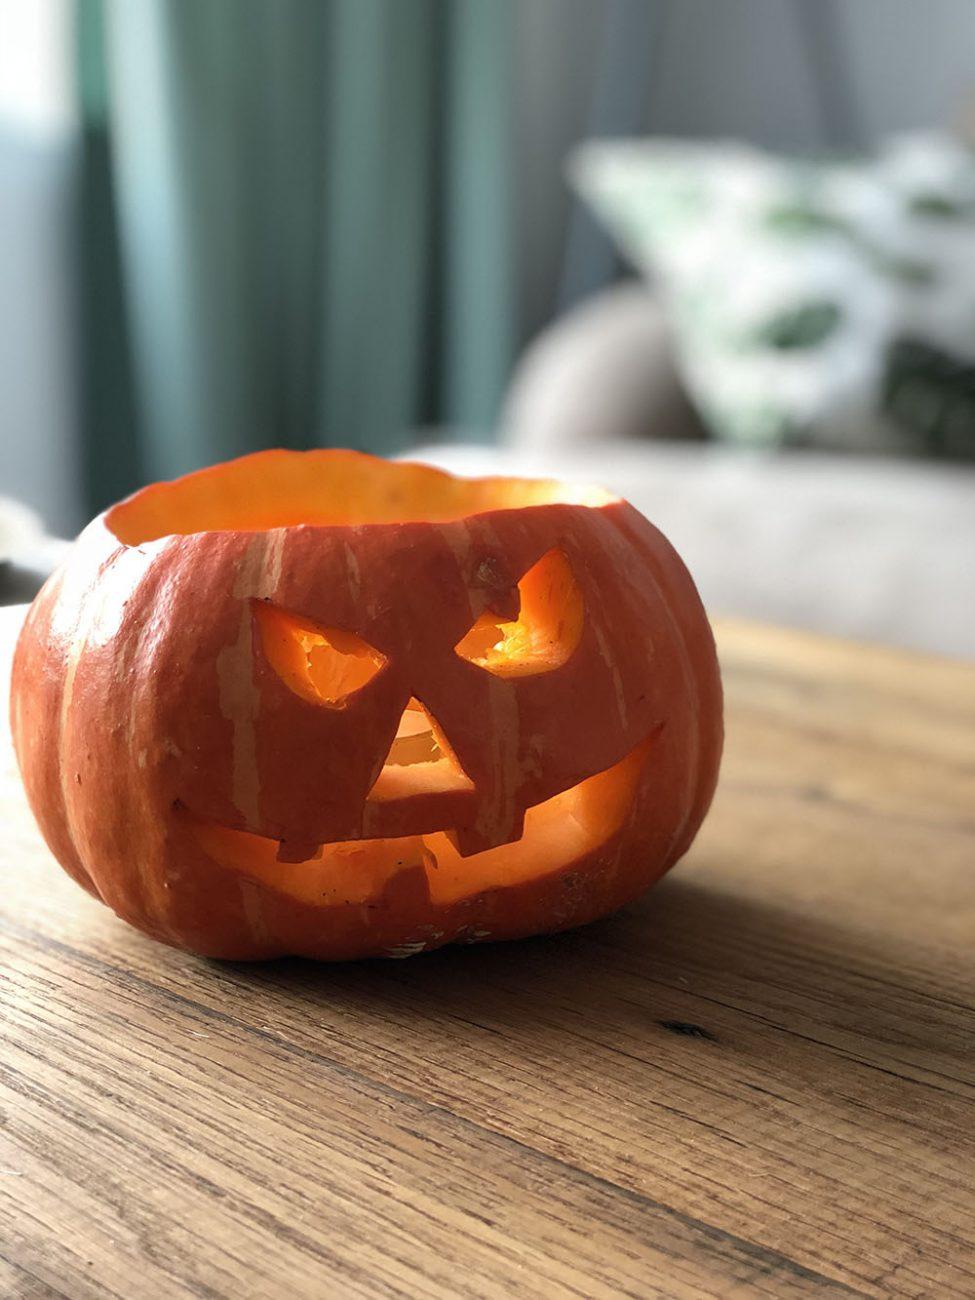 Hoe Maak Je Een Halloween Pompoen.Halloween Pompoen Maken Hoe Doe Je Dat My Food Blog